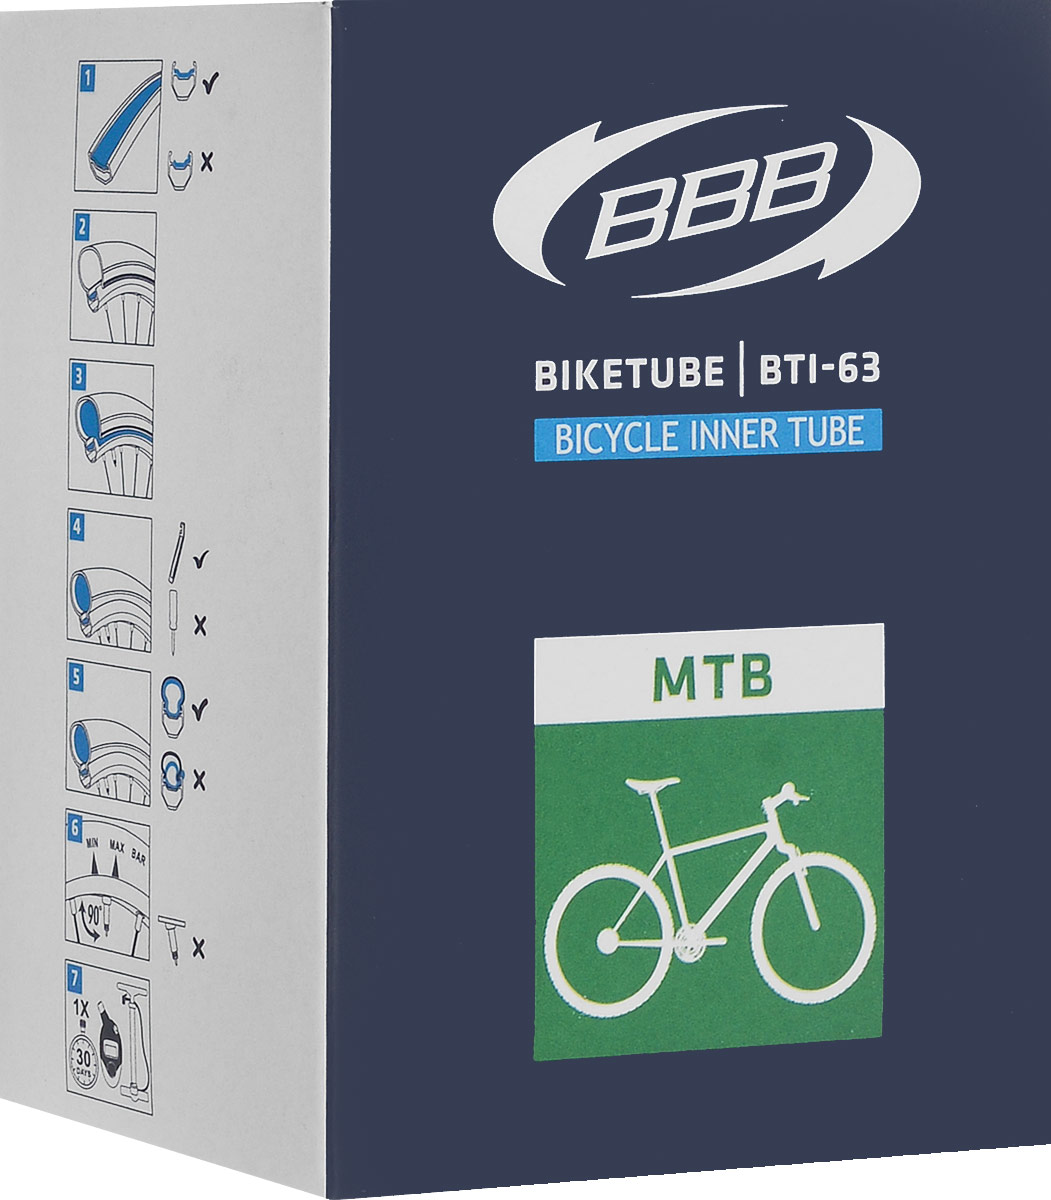 Камера велосипедная BBB, диаметр 263B327Камера BBB изготовлена из долговечного резинового компаунда. Никаких швов, которые могут пропускать воздух. Достаточно большая для защиты от проколов и достаточно небольшая для снижения веса. Велосипедные камеры - обязательный атрибут каждого велосипедиста! Никогда не выезжайте из дома на велосипеде, не взяв с собой запасную велосипедную шину!Диаметр колеса: 26.Допустимый размер сечения покрышки: 1,9-2,125.Ниппель: F/V-60 мм.Толщина стенки: 0,87 мм. Категория: универсальная.